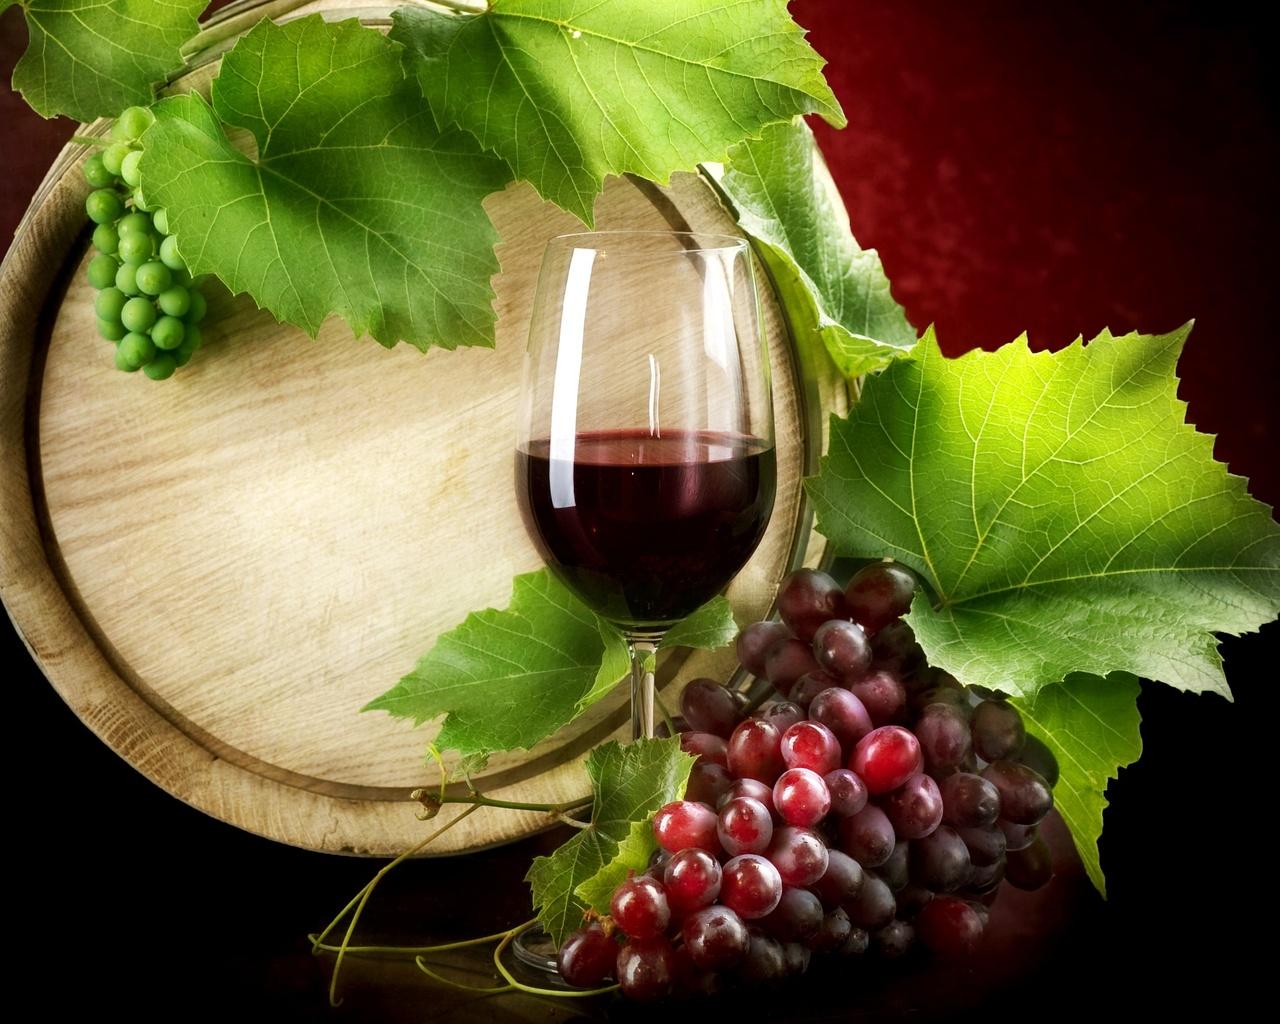 Вино - обои на рабочий стол 1280x1024 №1039148: www.mobilmusic.ru/wallpaper.php?id=1039148